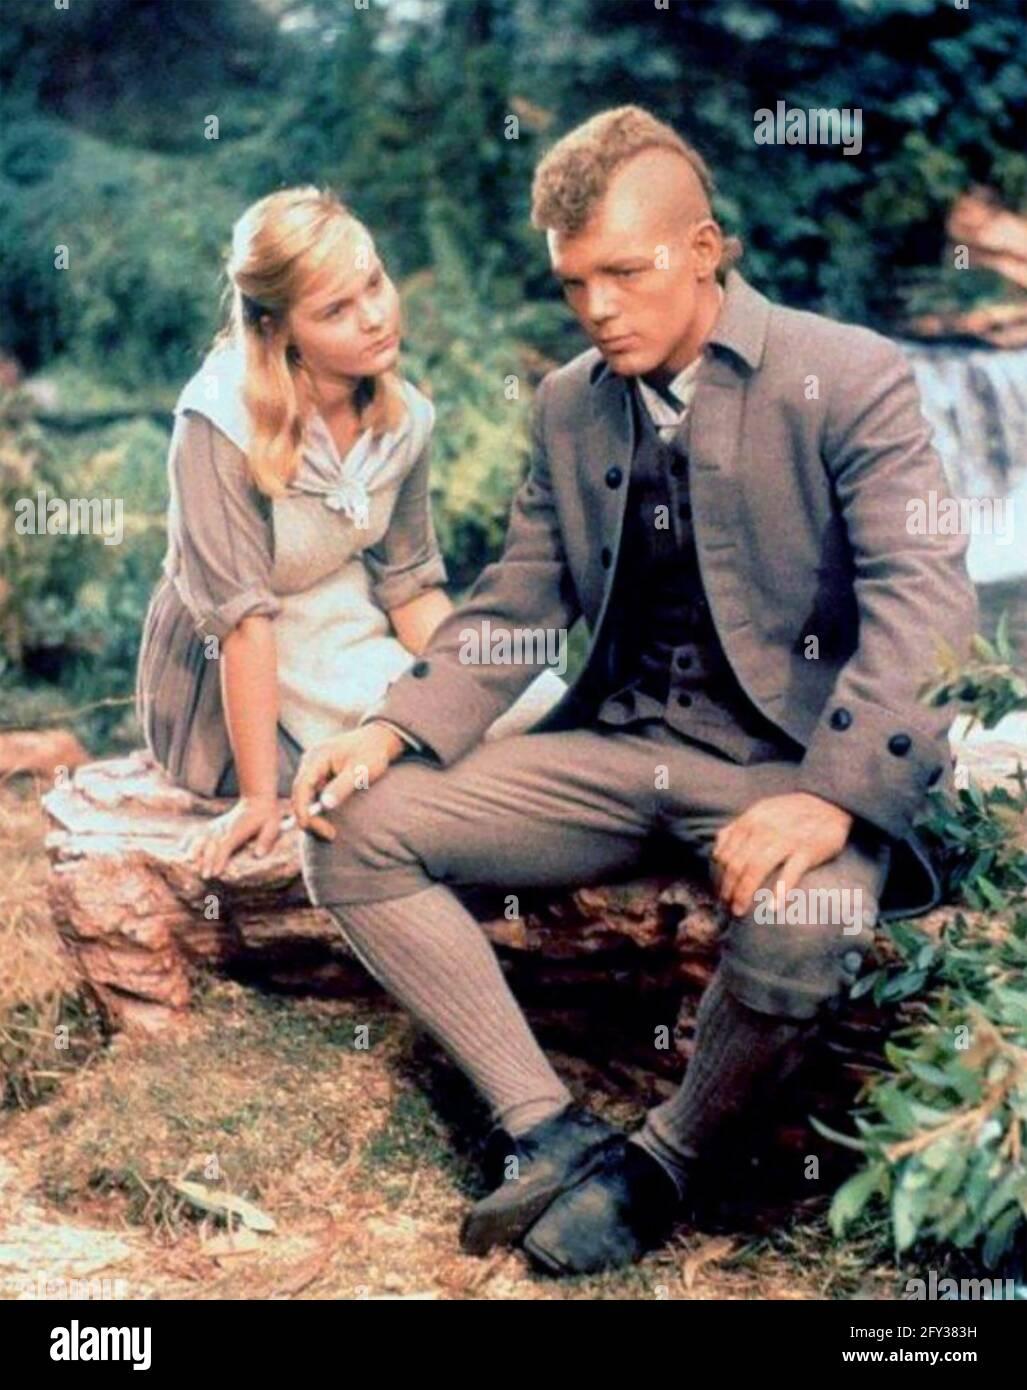 LA LUMIÈRE DANS LA FORÊT 1958 Buena Vista distribution film Avec Carol Lynley et James MacArthur Banque D'Images